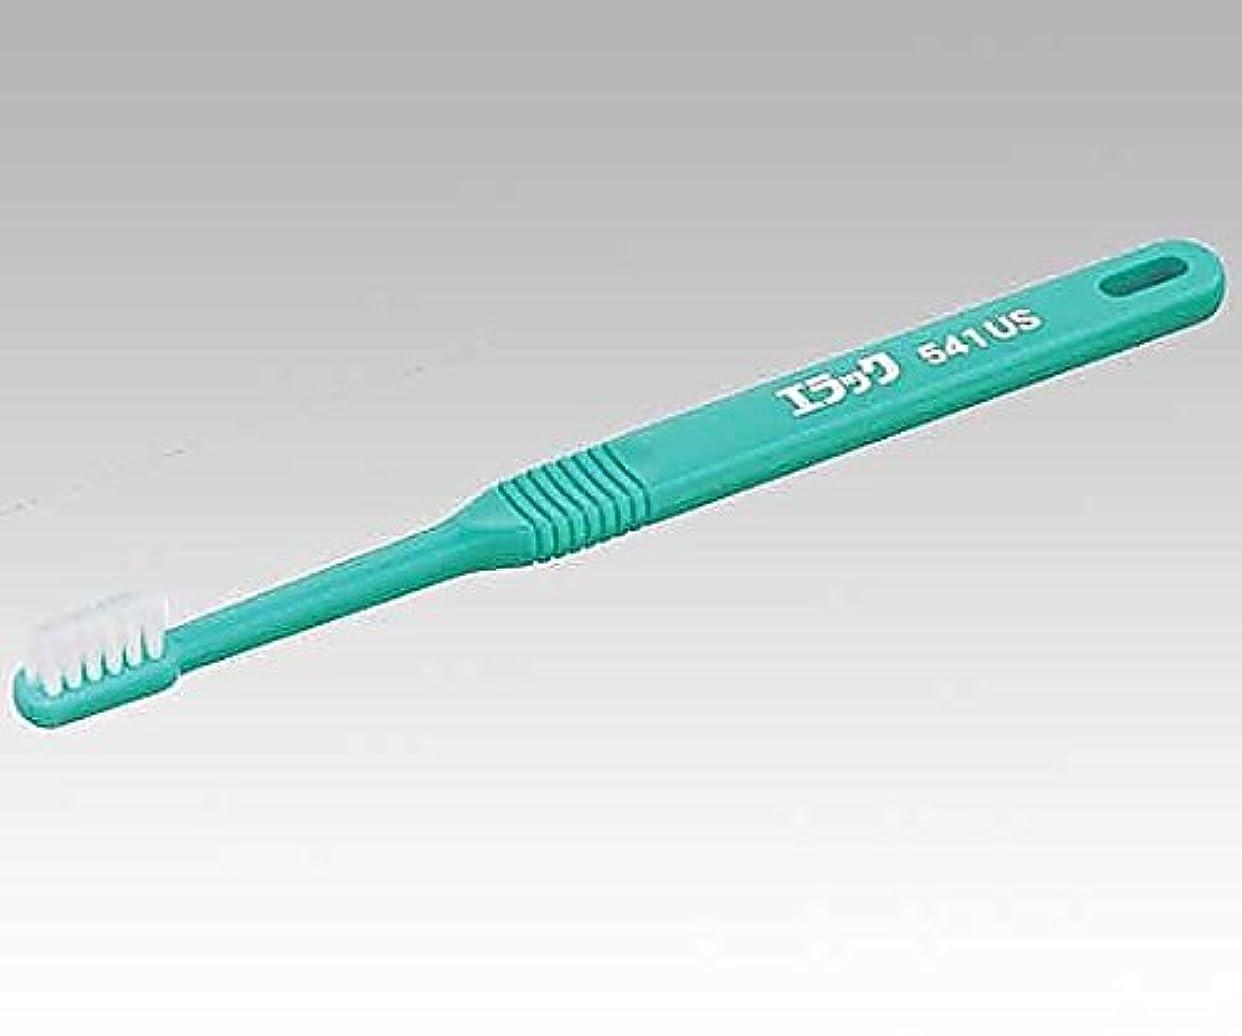 拳所有権弾丸ライオン8-7892-01介助用歯ブラシ(ウルトラソフト)